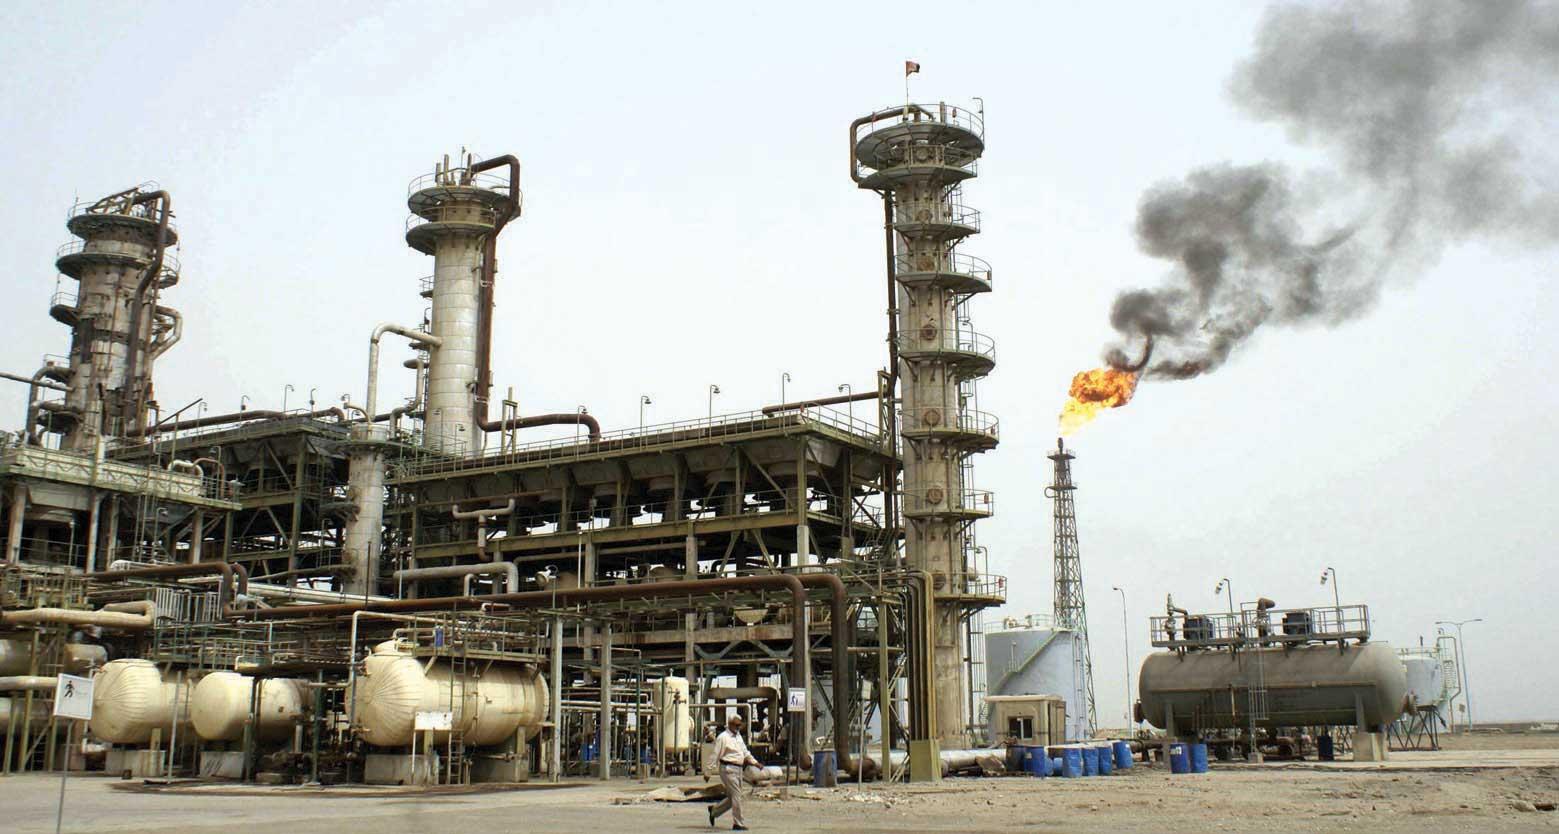 أسعار النفط تواصل تراجعها وتخسر 10% من قيمتها خلال اسبوع واحد فقط